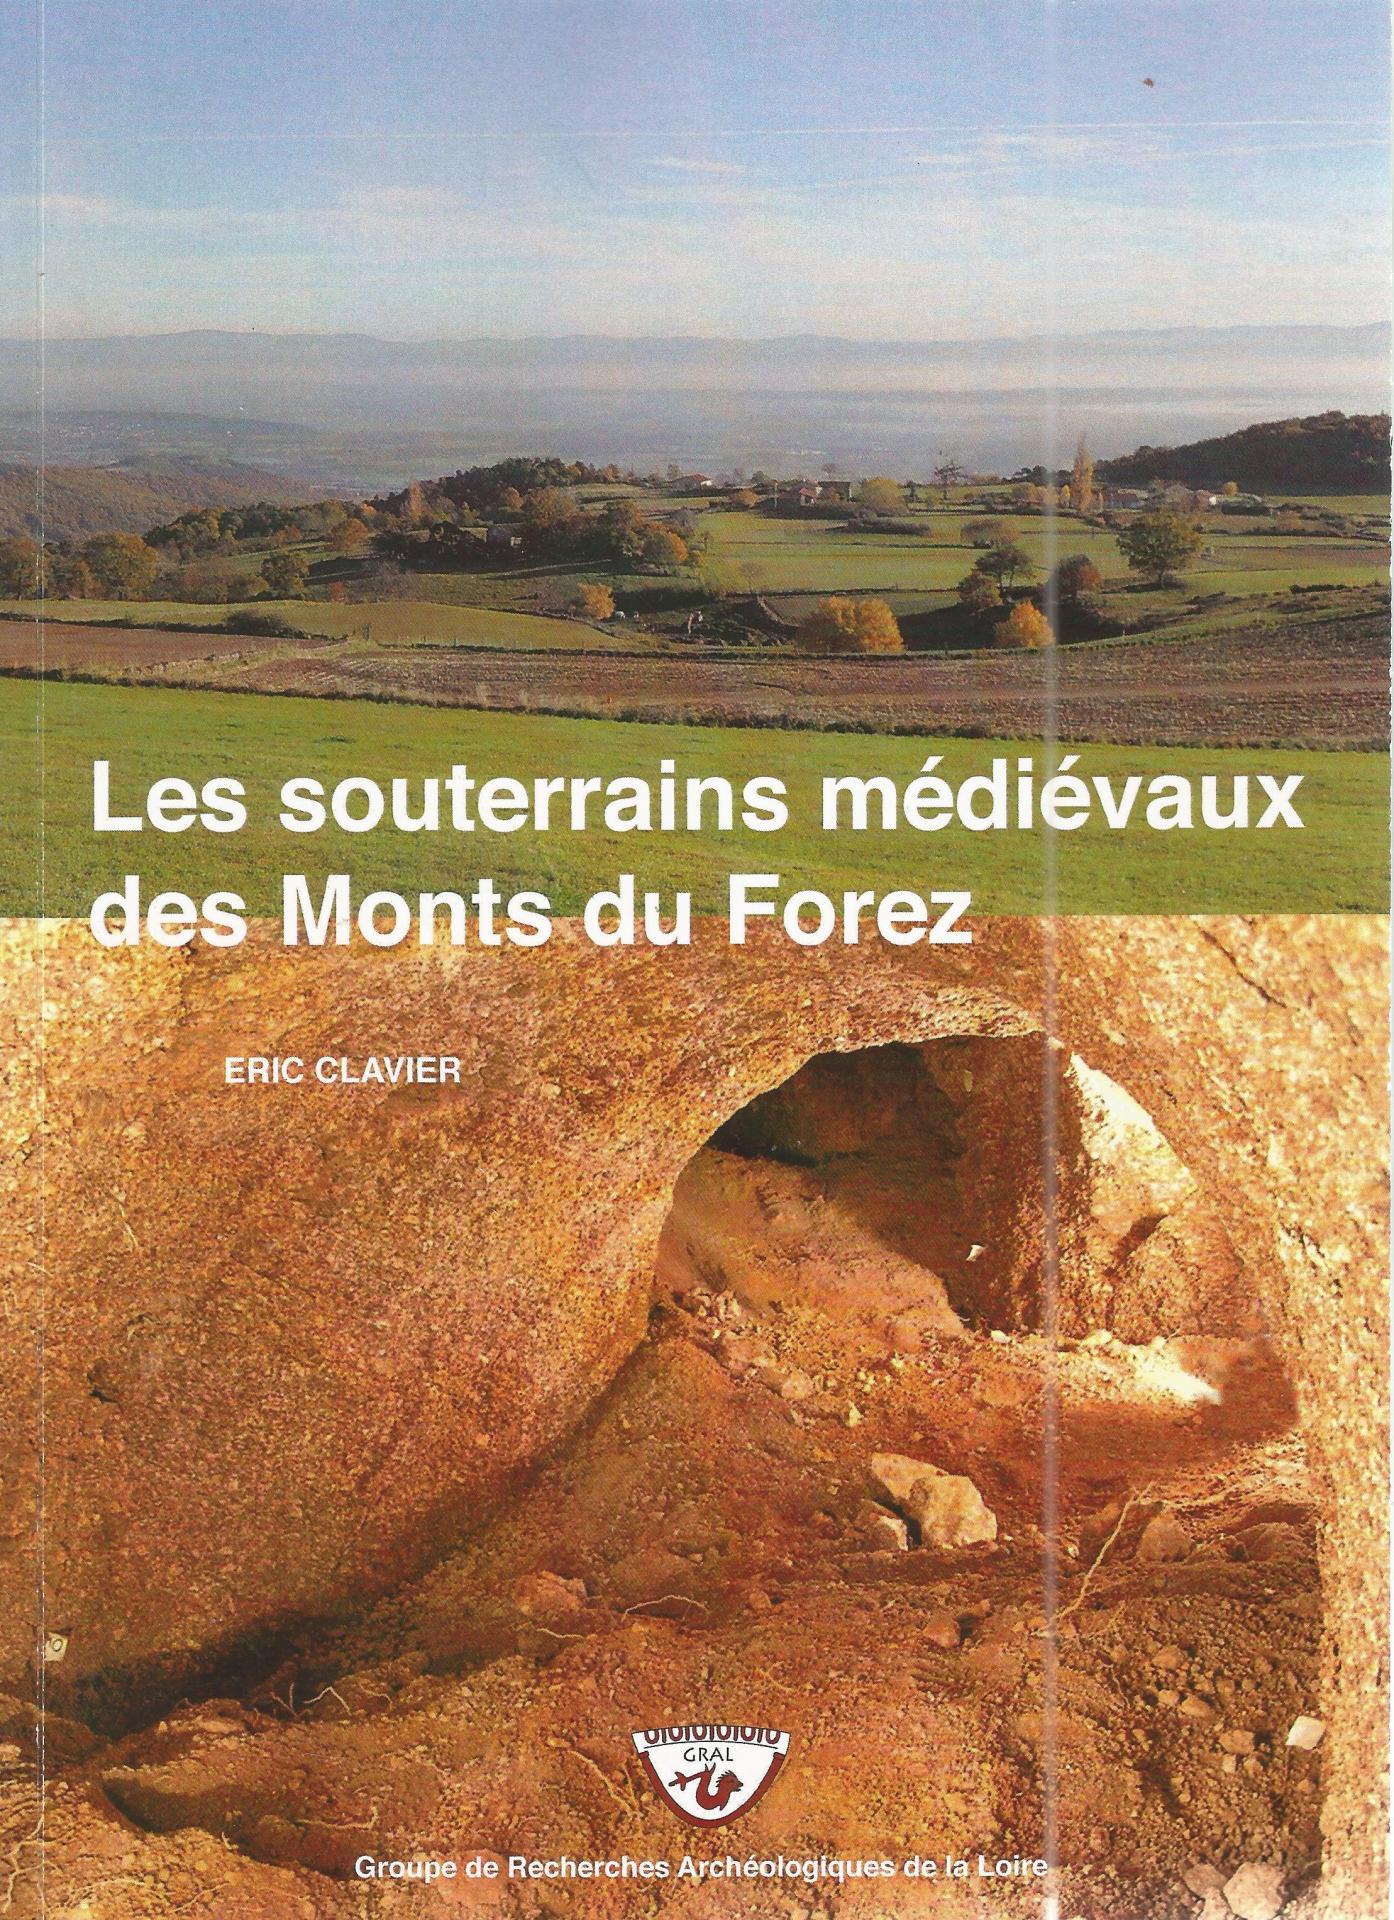 Les souterrains medievaux